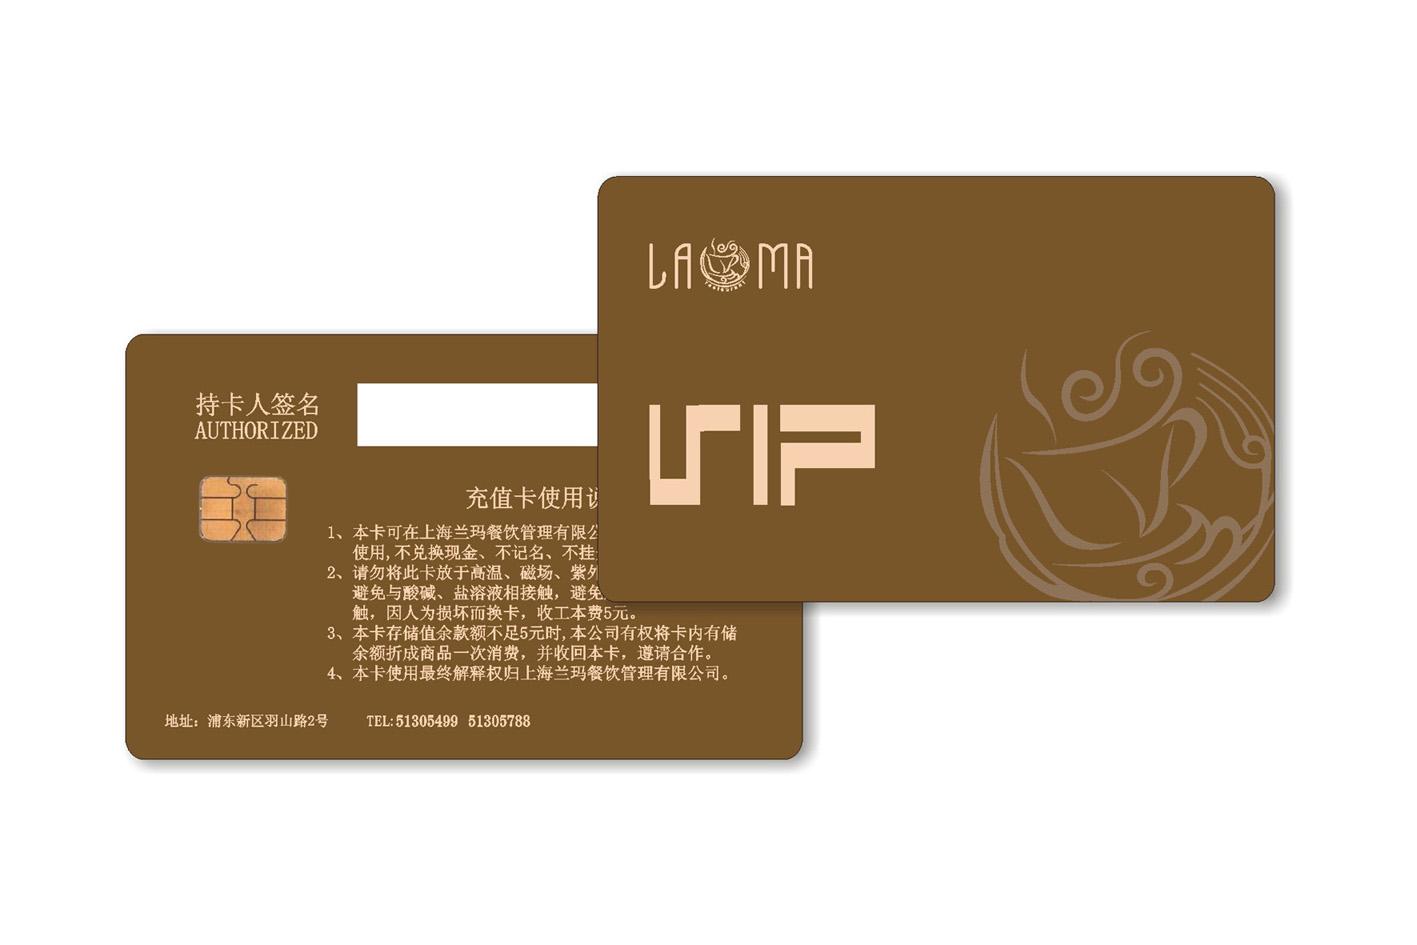 供应上海非接触式IC卡制卡公司